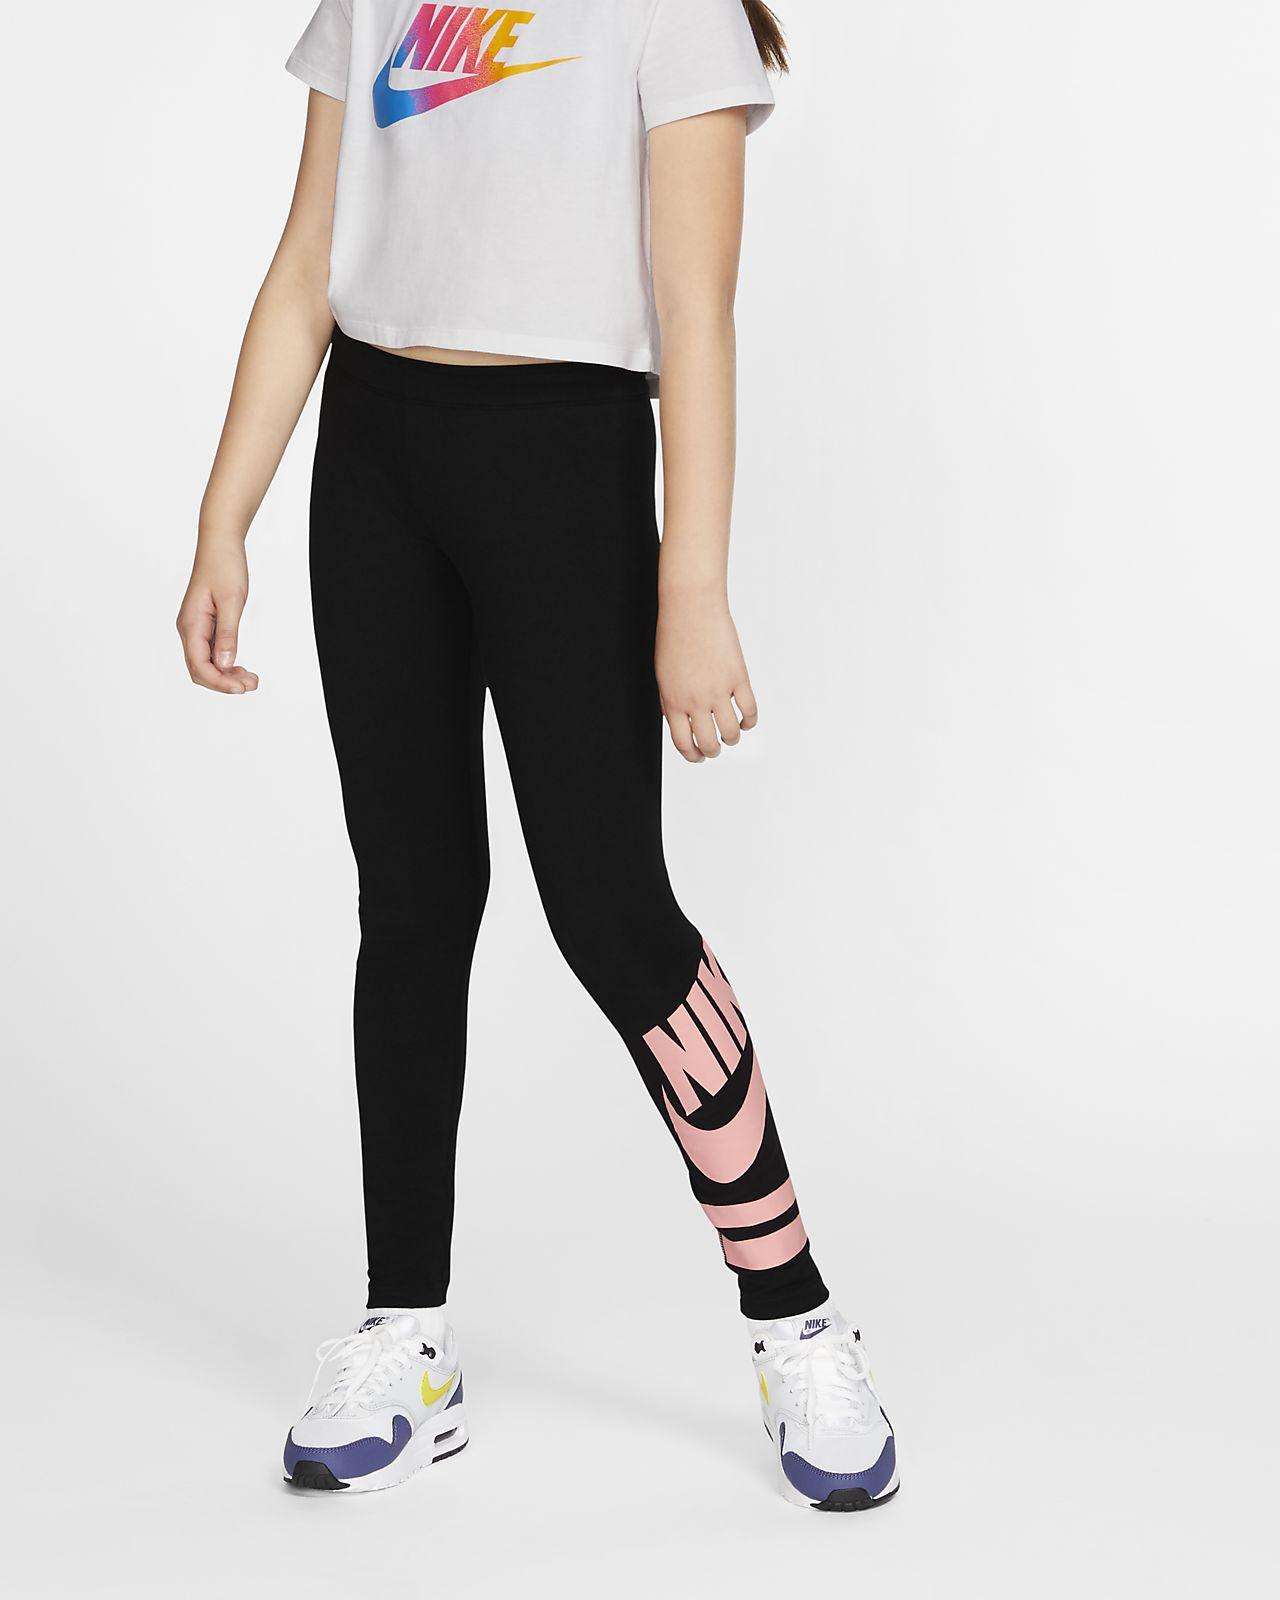 Κολάν με σχέδια Nike Sportswear για μεγάλα κορίτσια